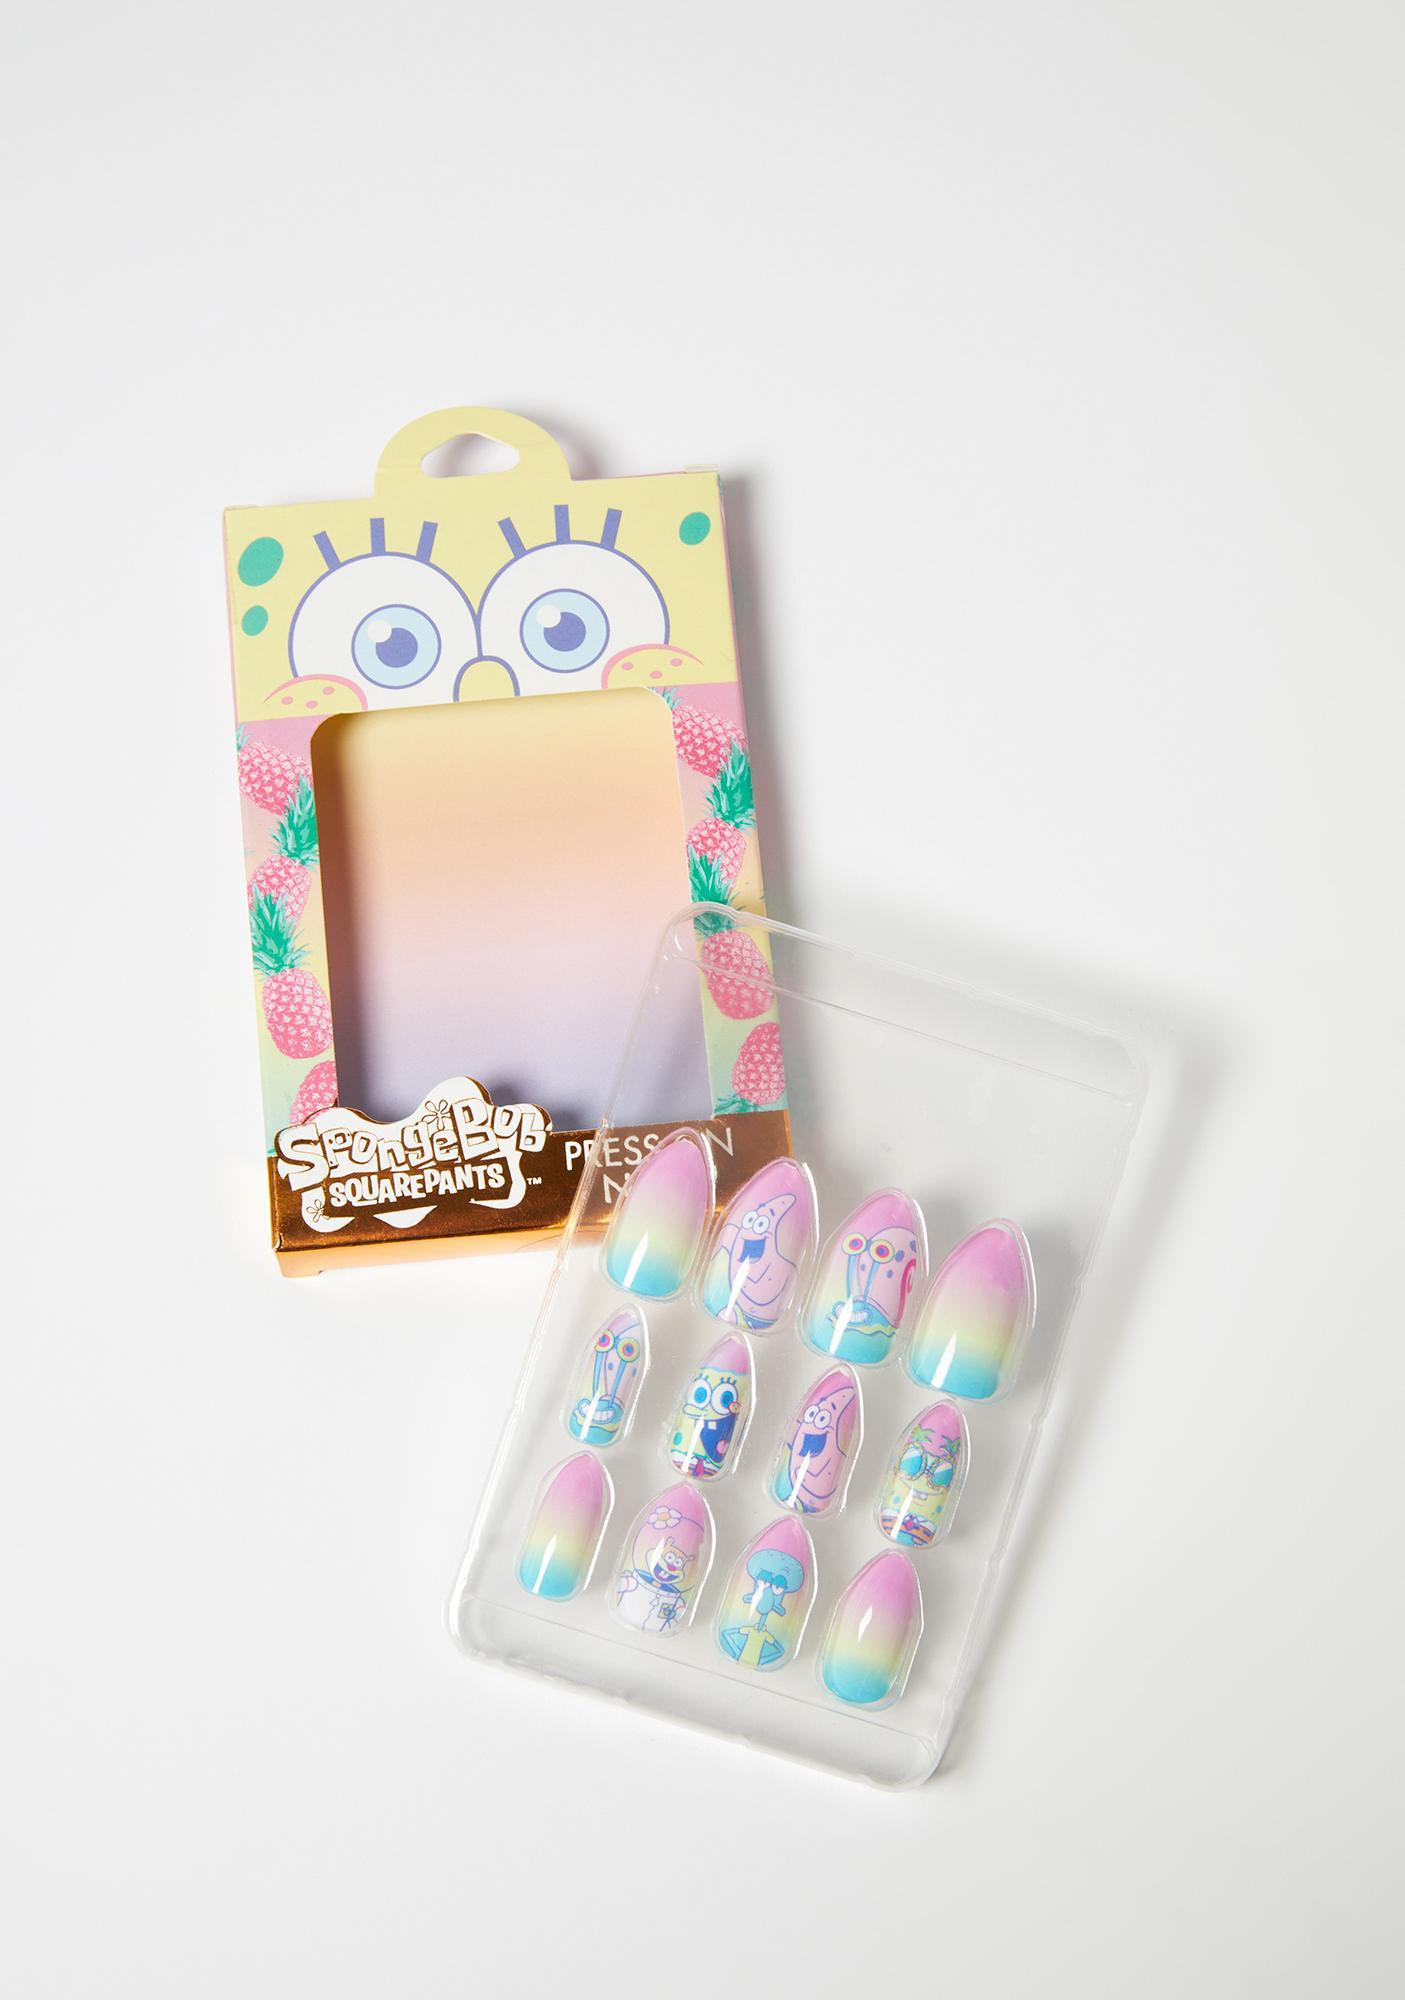 Taste Beauty Spongebob Press On Nails